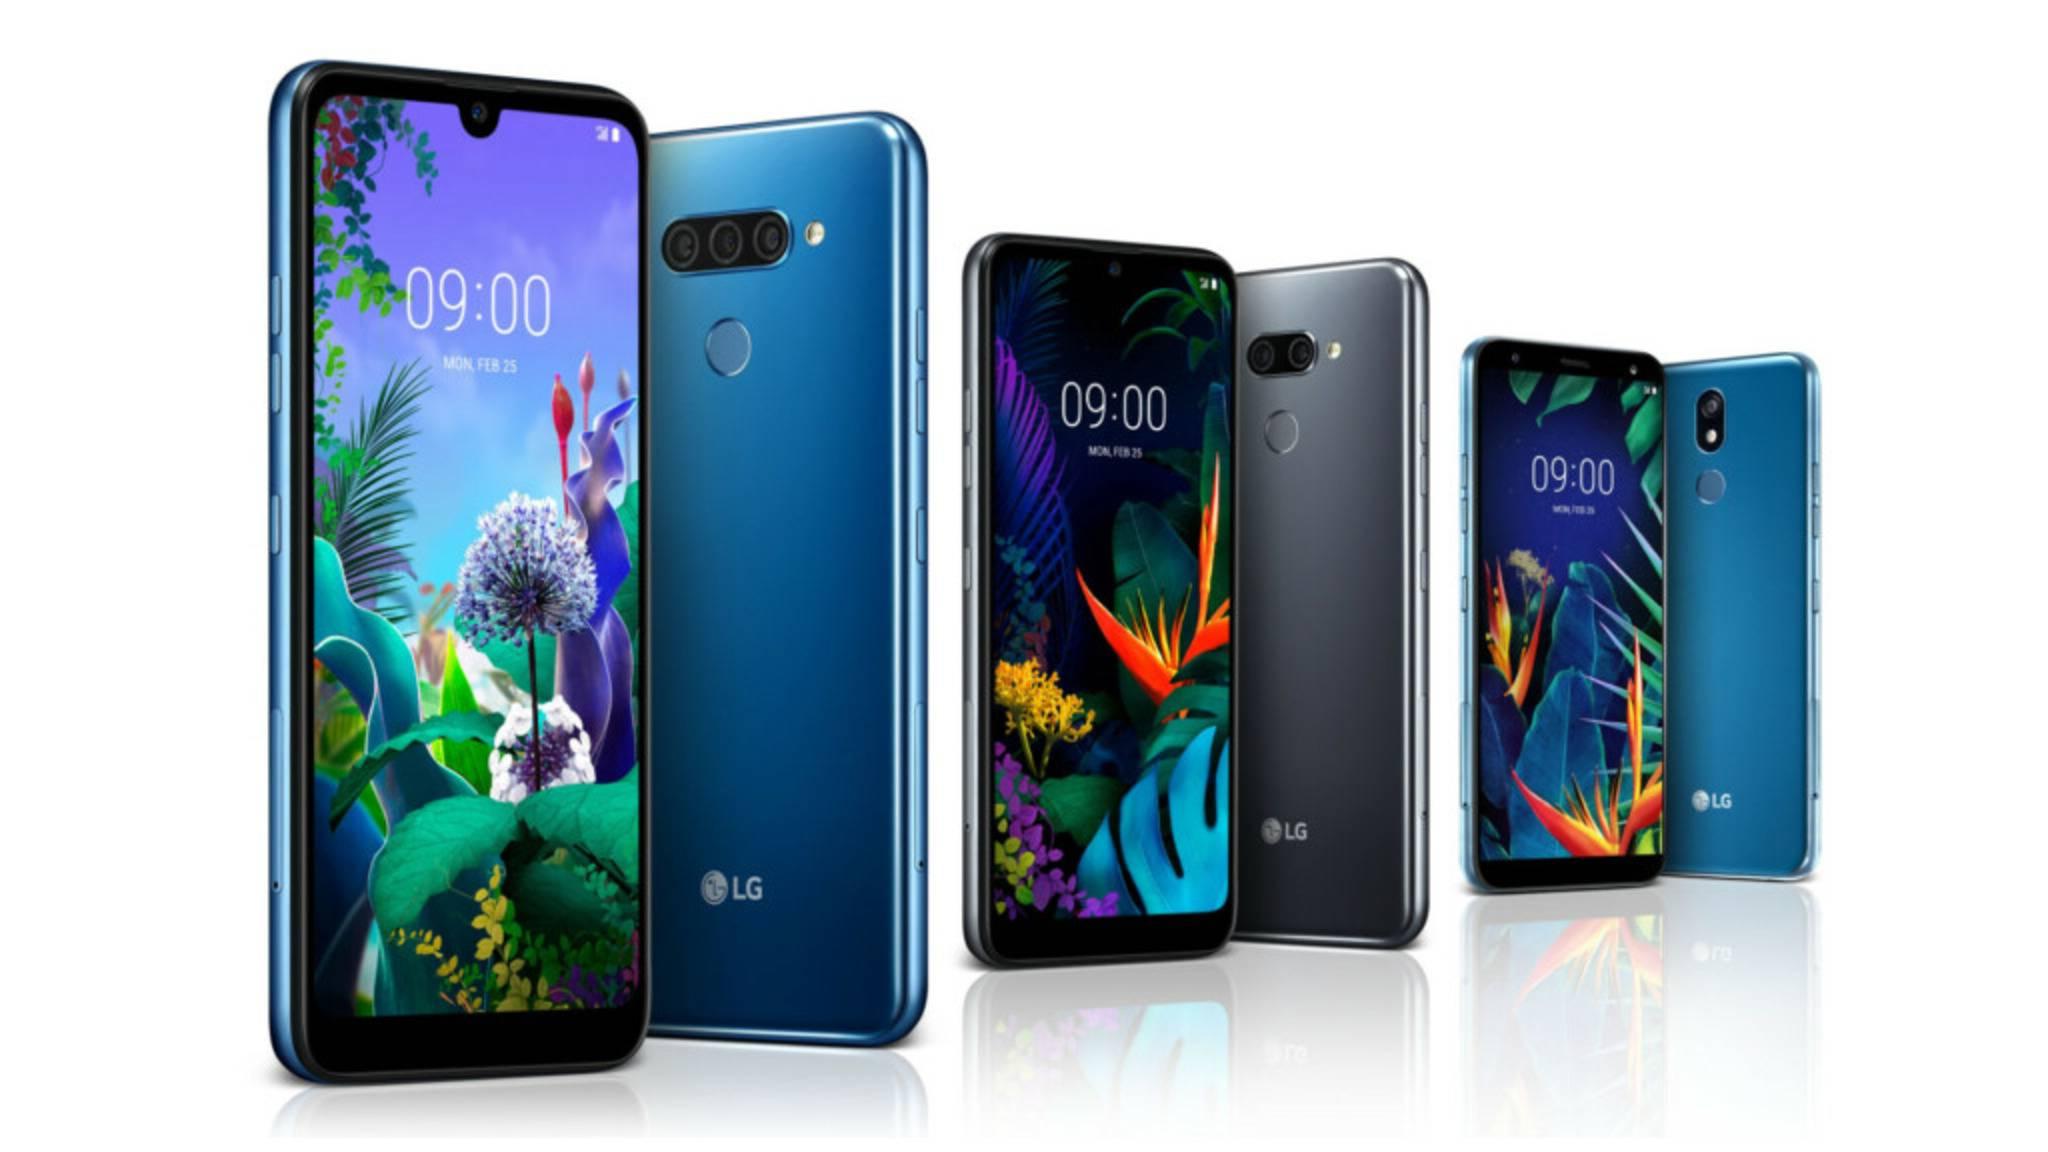 Das LG K40, LG K50, und LG Q60 sollen zu einem günstigen Preis auf den Markt kommen.